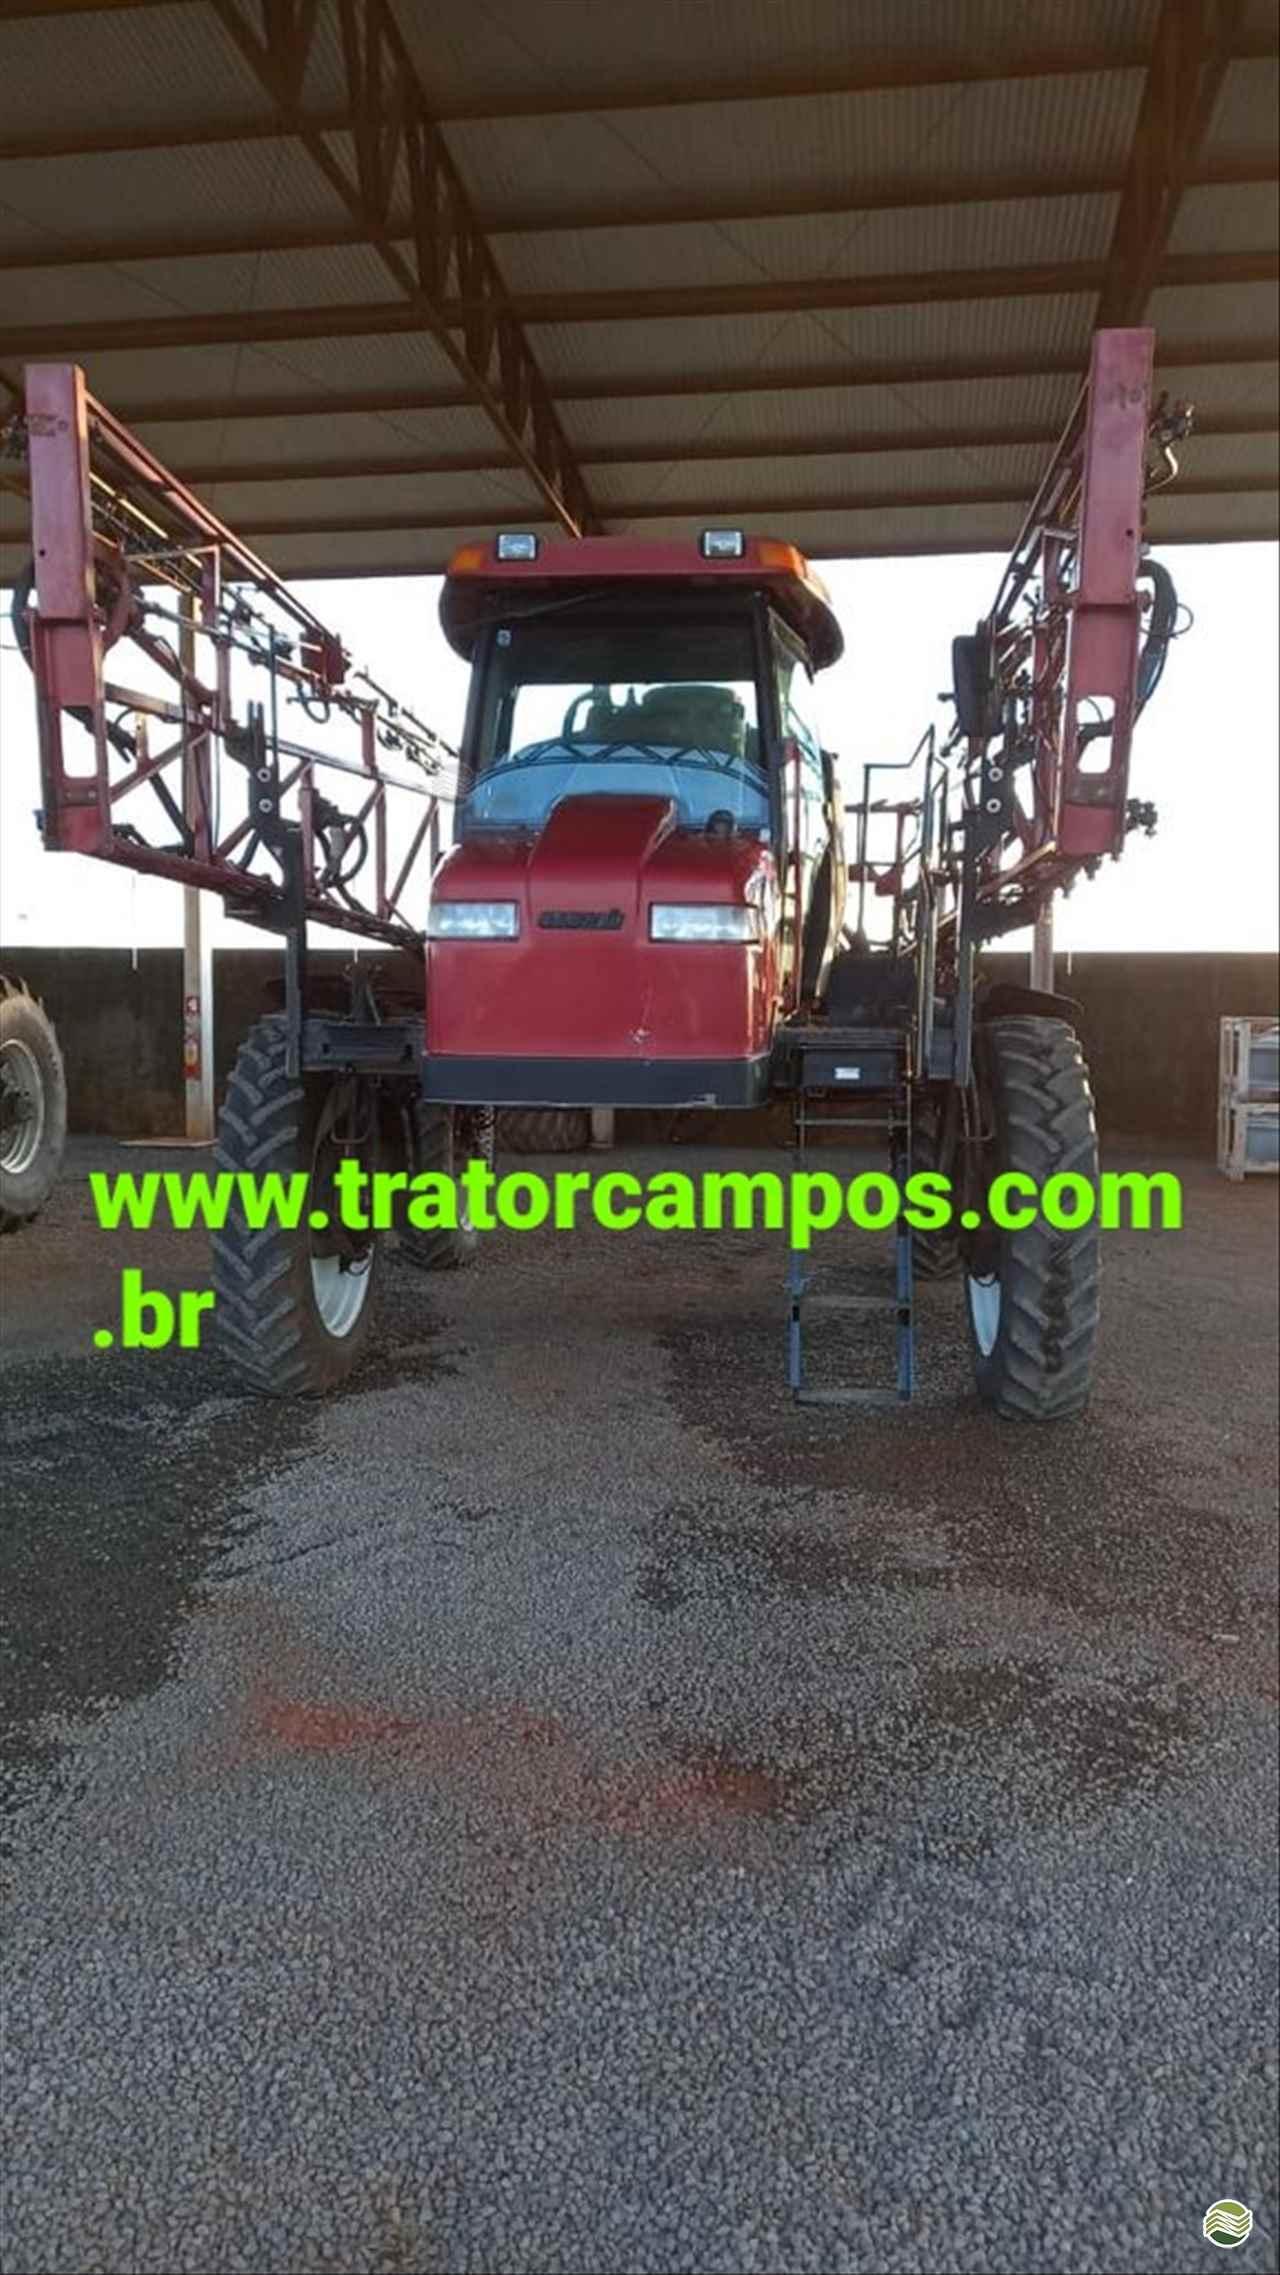 PULVERIZADOR CASE PATRIOT 350 Tração 4x4 Trator Campos GUAPO GOIAS GO